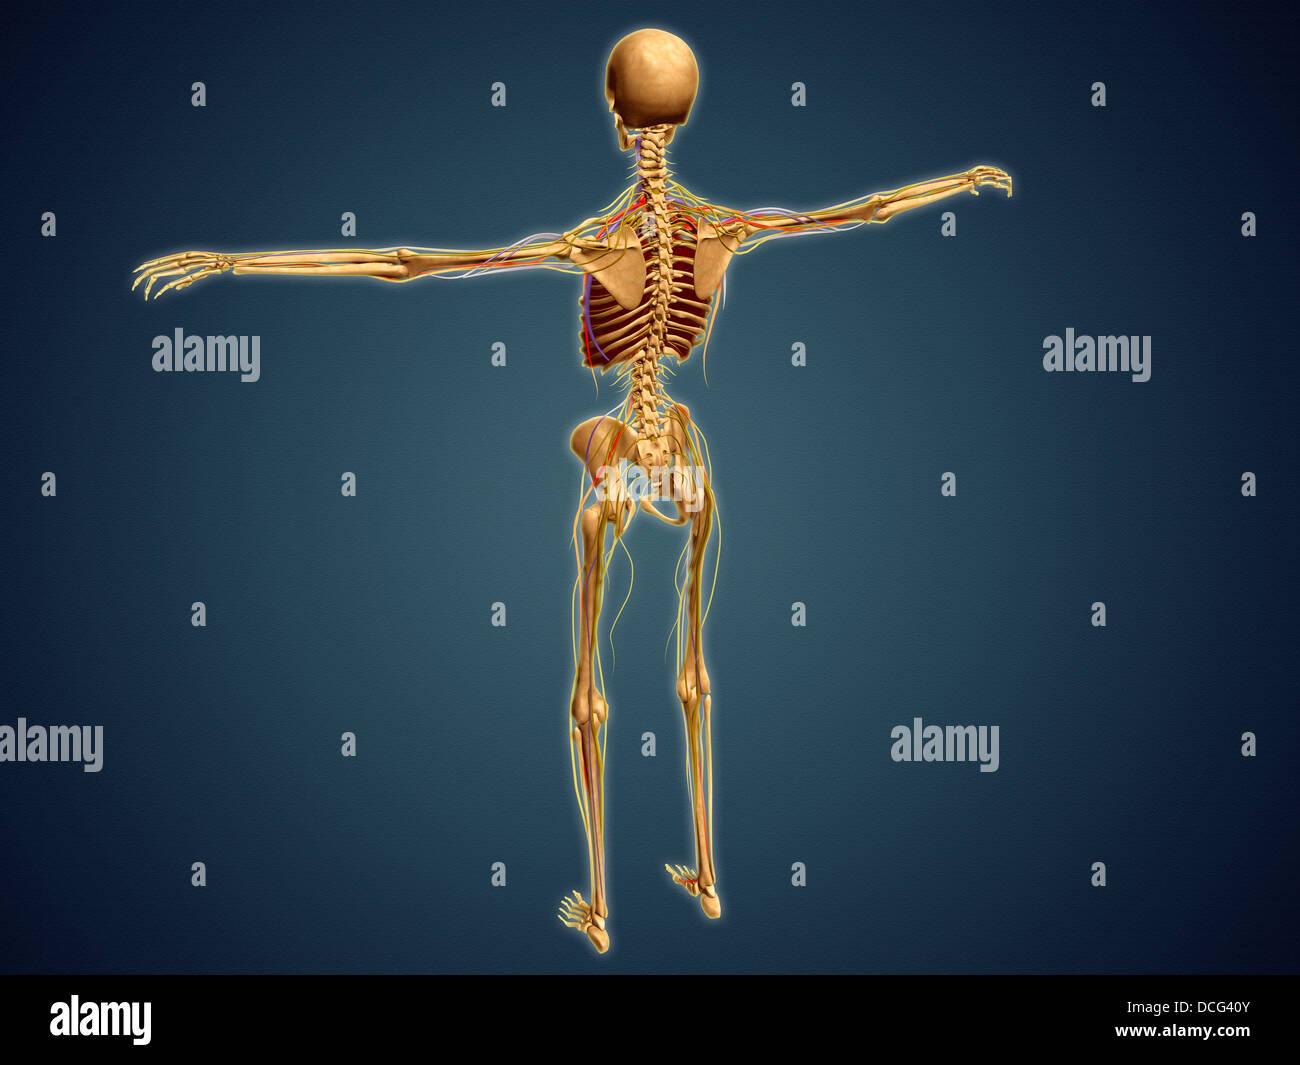 Vertebrate Skeleton Stock Photos & Vertebrate Skeleton Stock Images ...